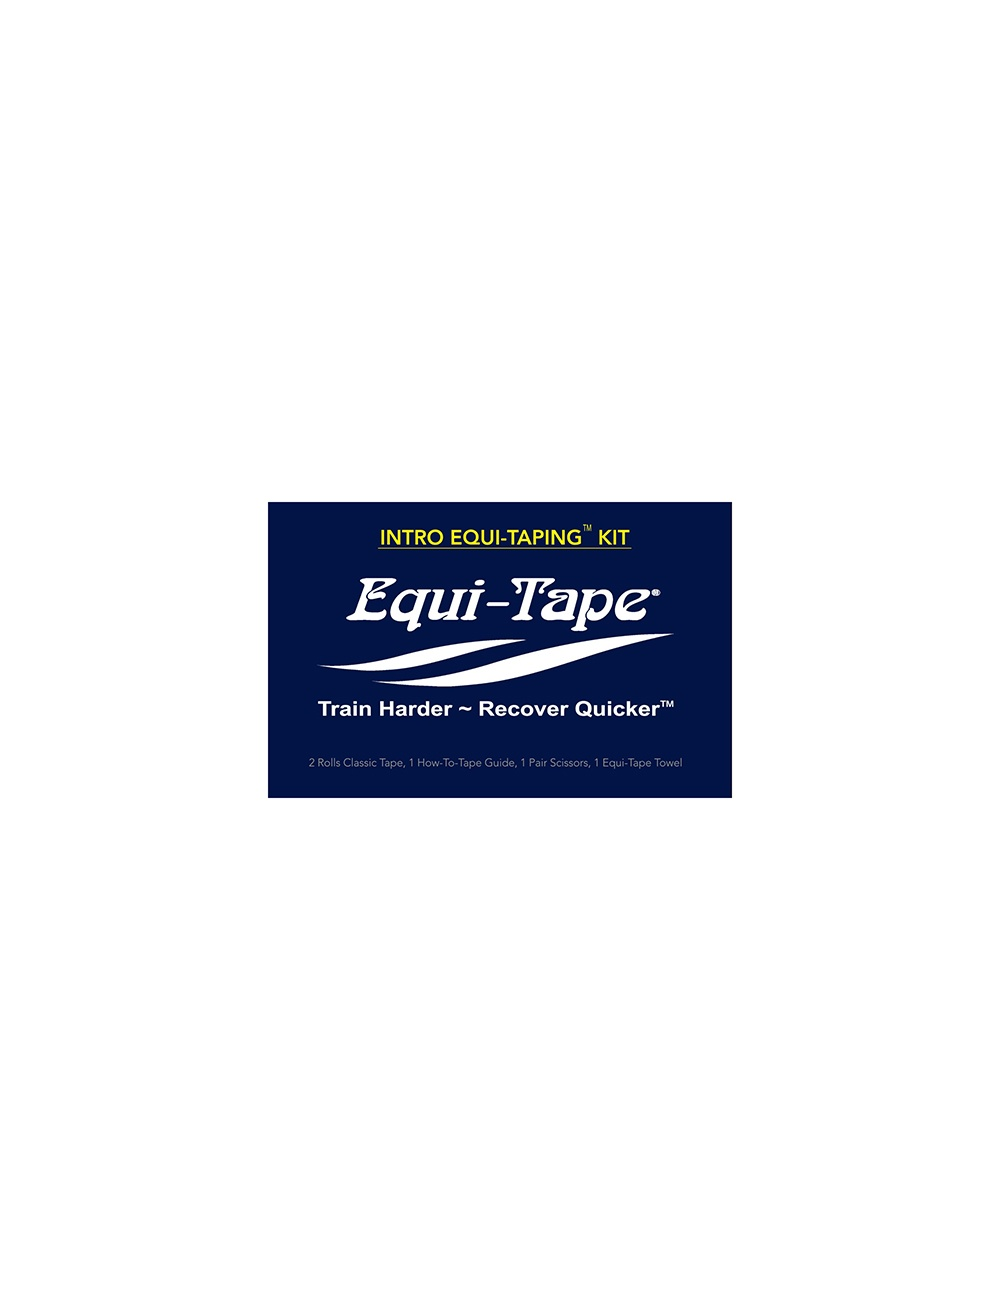 Equi-Tape Classic Intro...